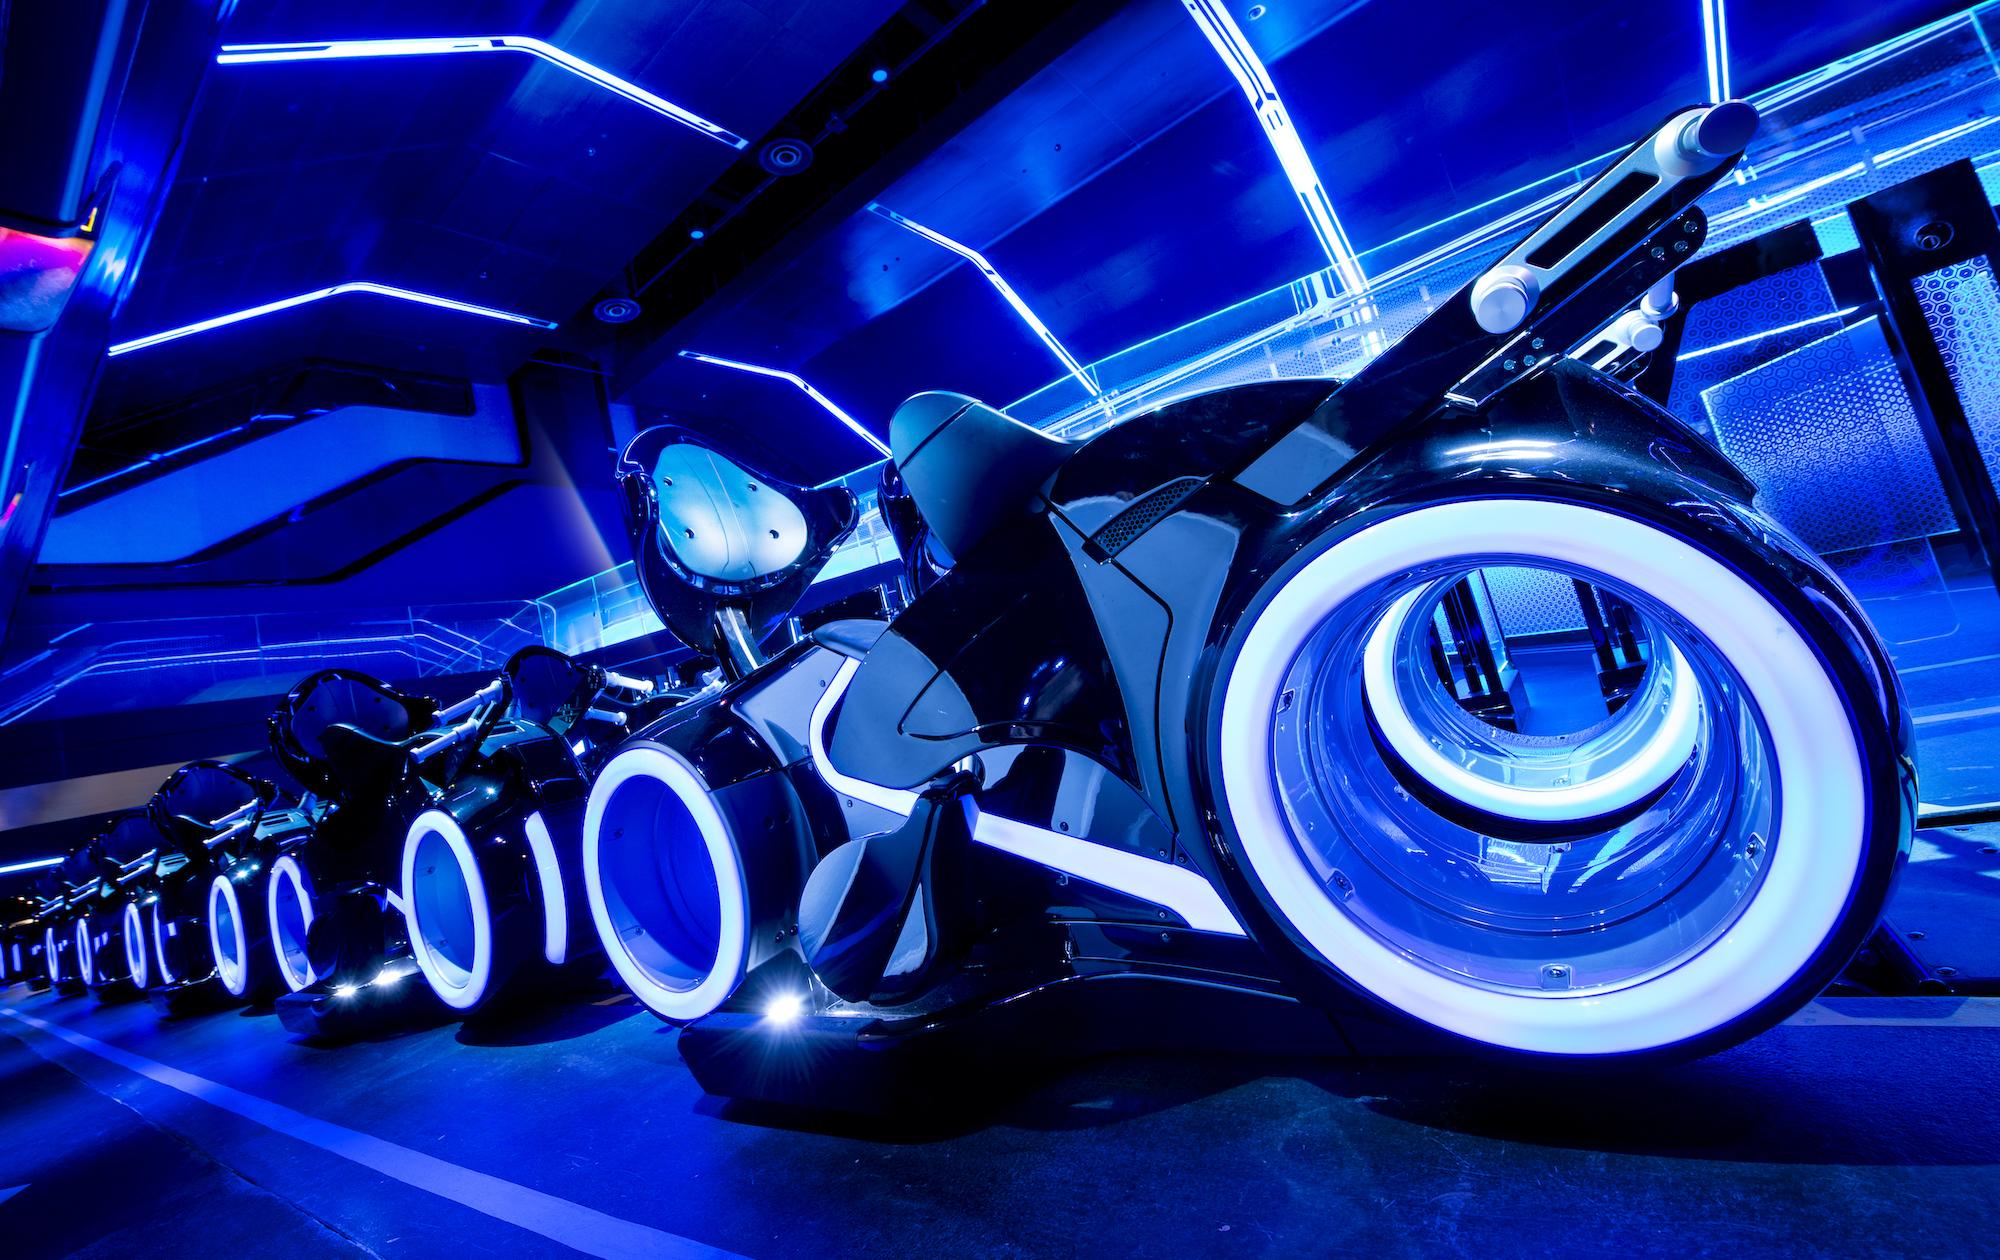 Shanghai Disneyland Tipps und Tricks: TRON Lightcycle Power Run